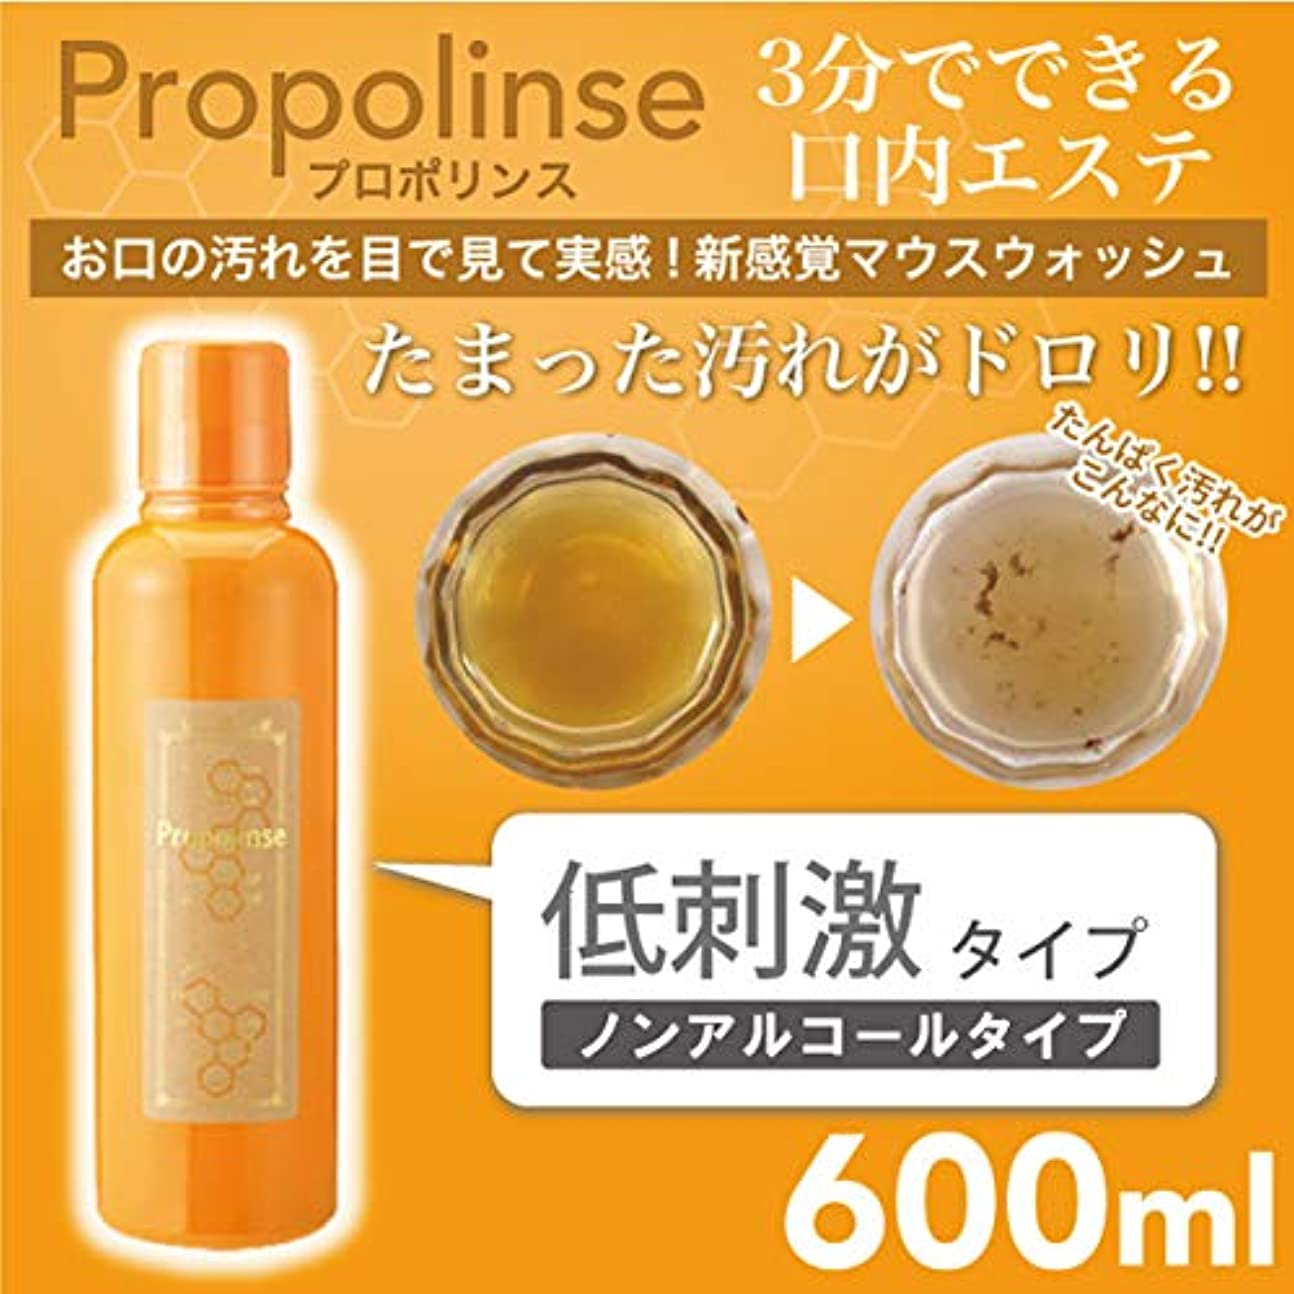 周囲悩む招待プロポリンス マウスウォッシュ ピュア (ノンアルコール低刺激) 600ml [30本セット] 口臭対策